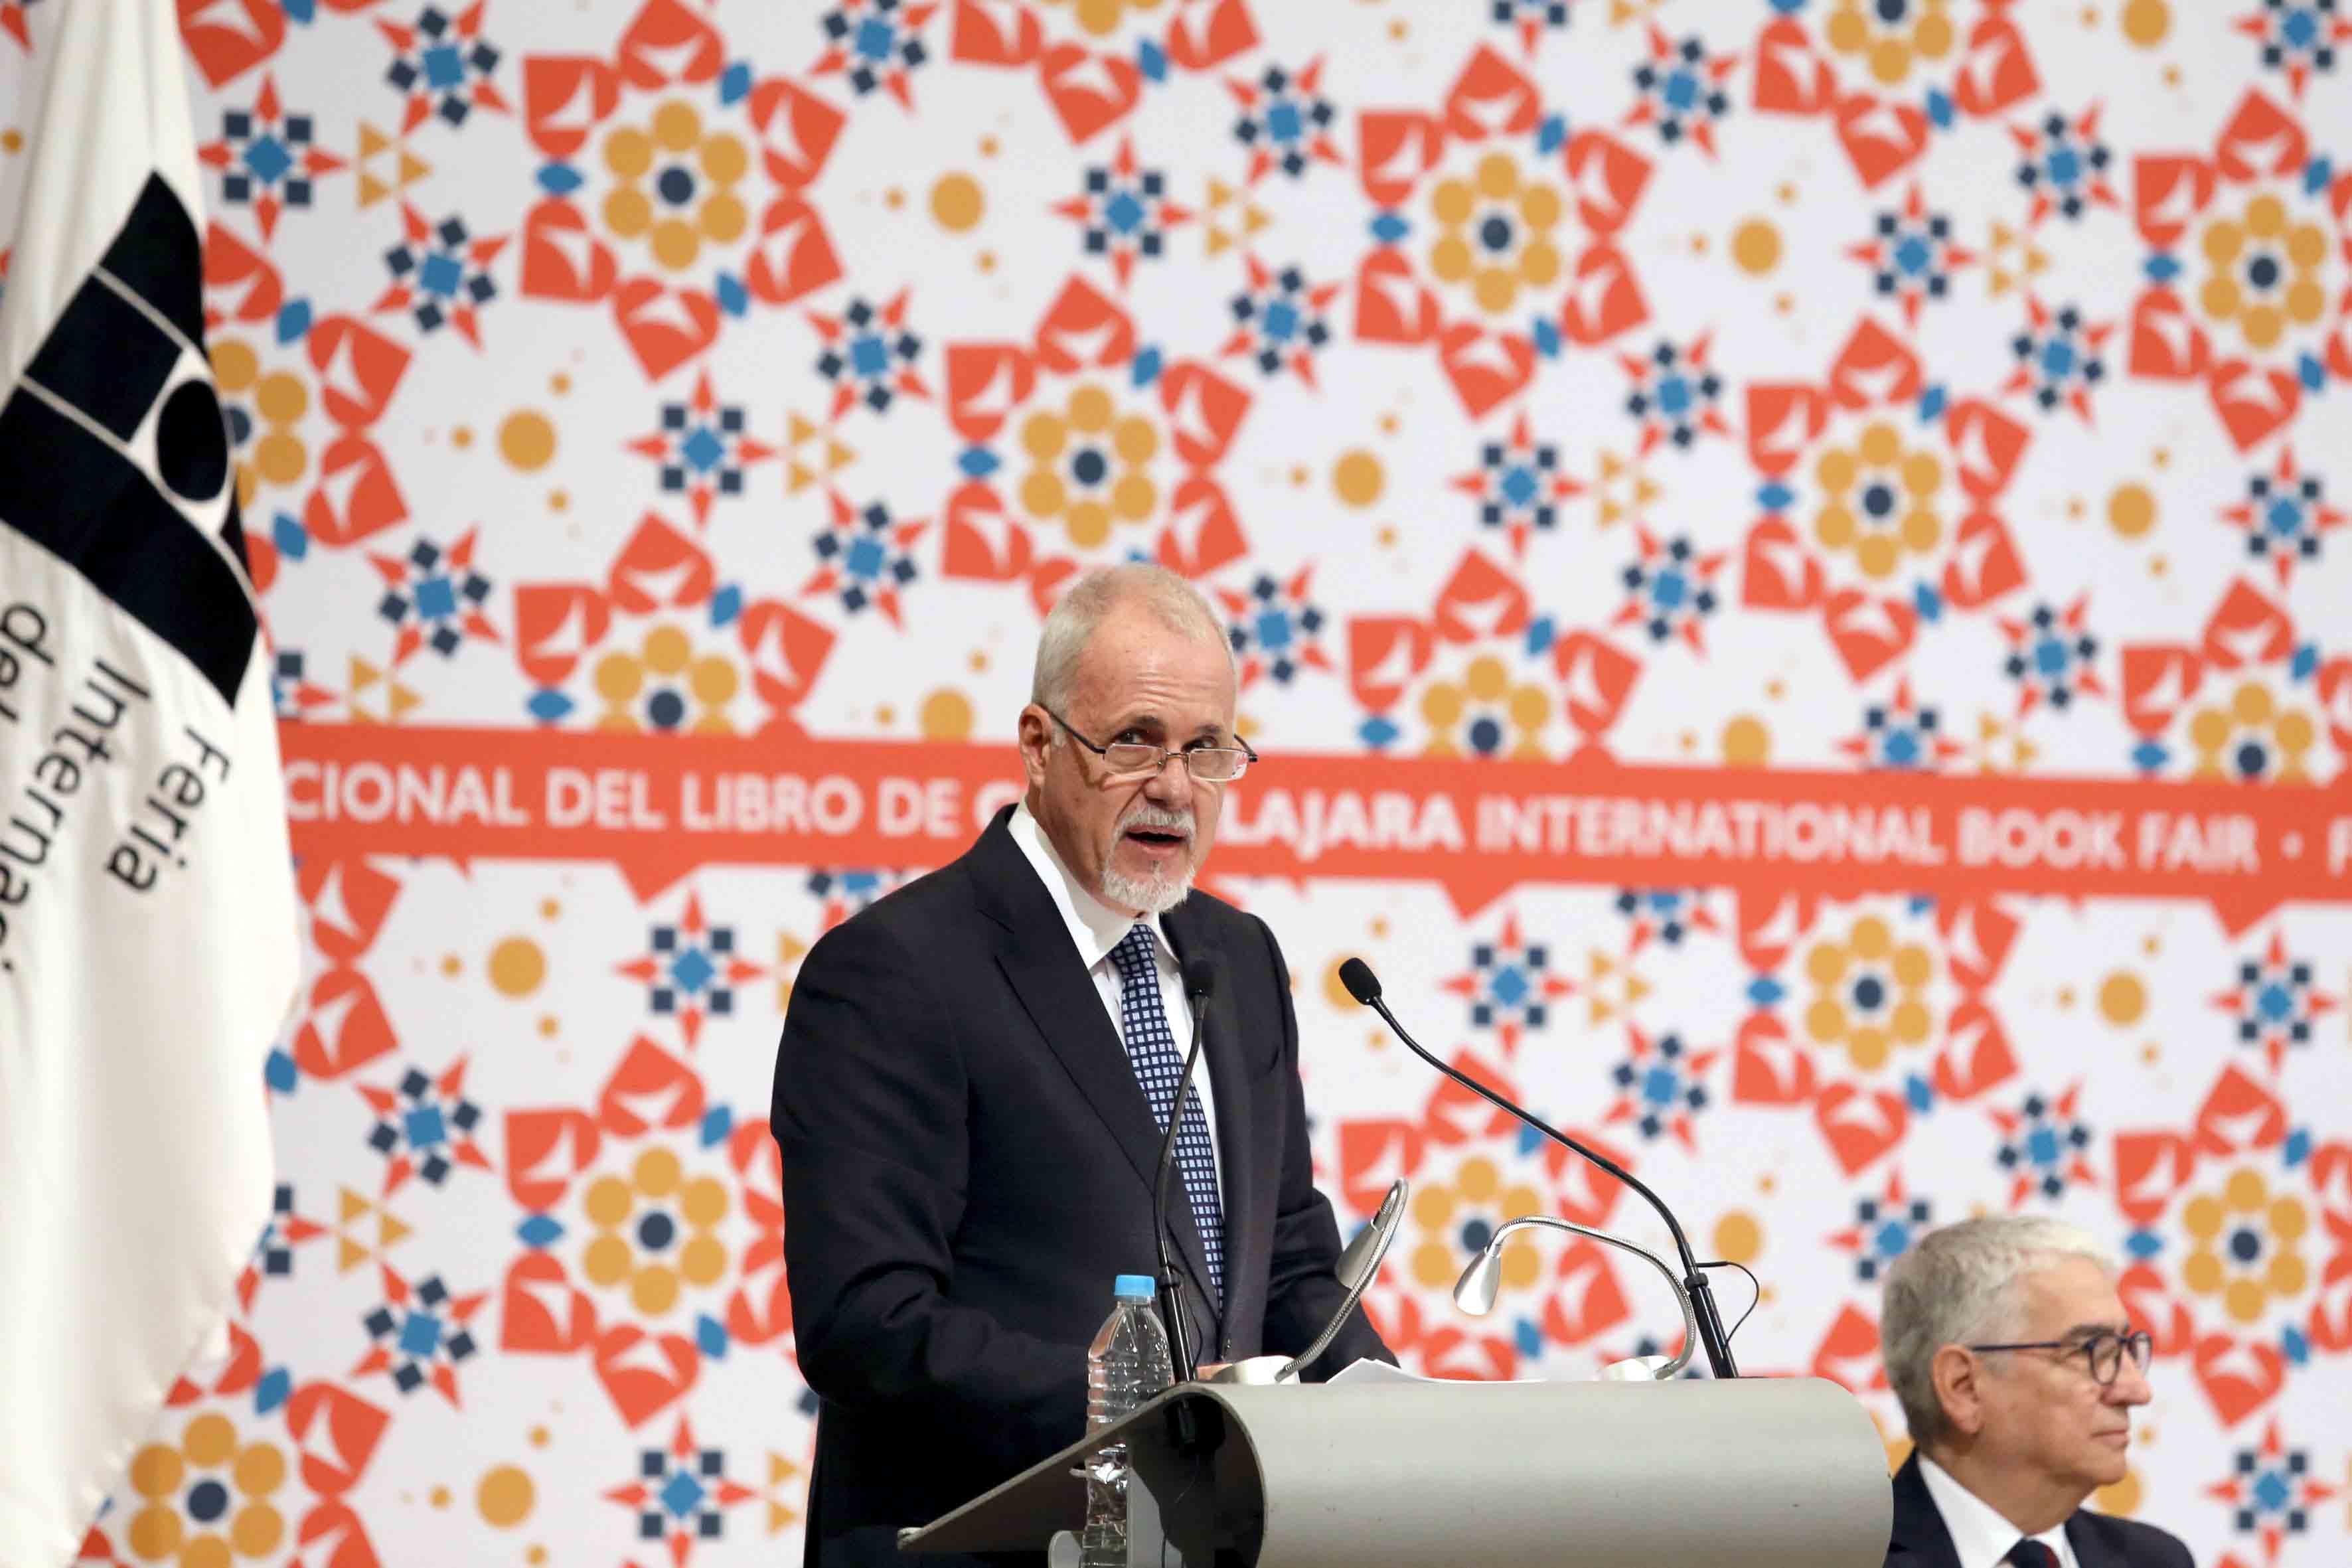 Presidente de la FIL, licenciado Raúl Padilla López, en podium haciendo uso de la palabra durante ceremonia de inaguración de la FIL.